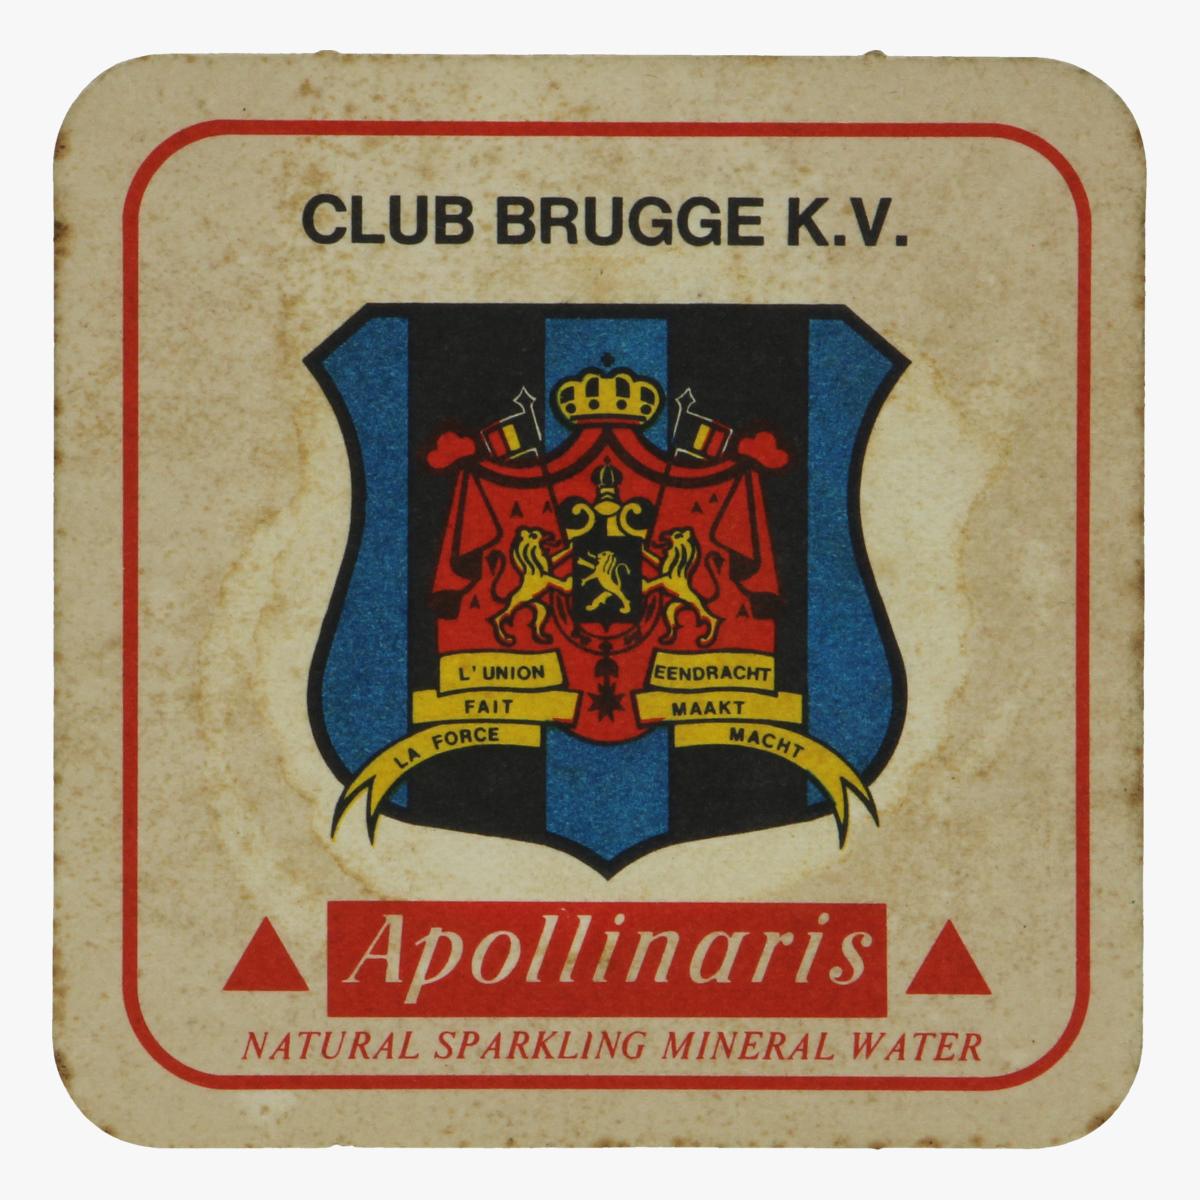 Afbeeldingen van bierkaartje club brugge k.v.